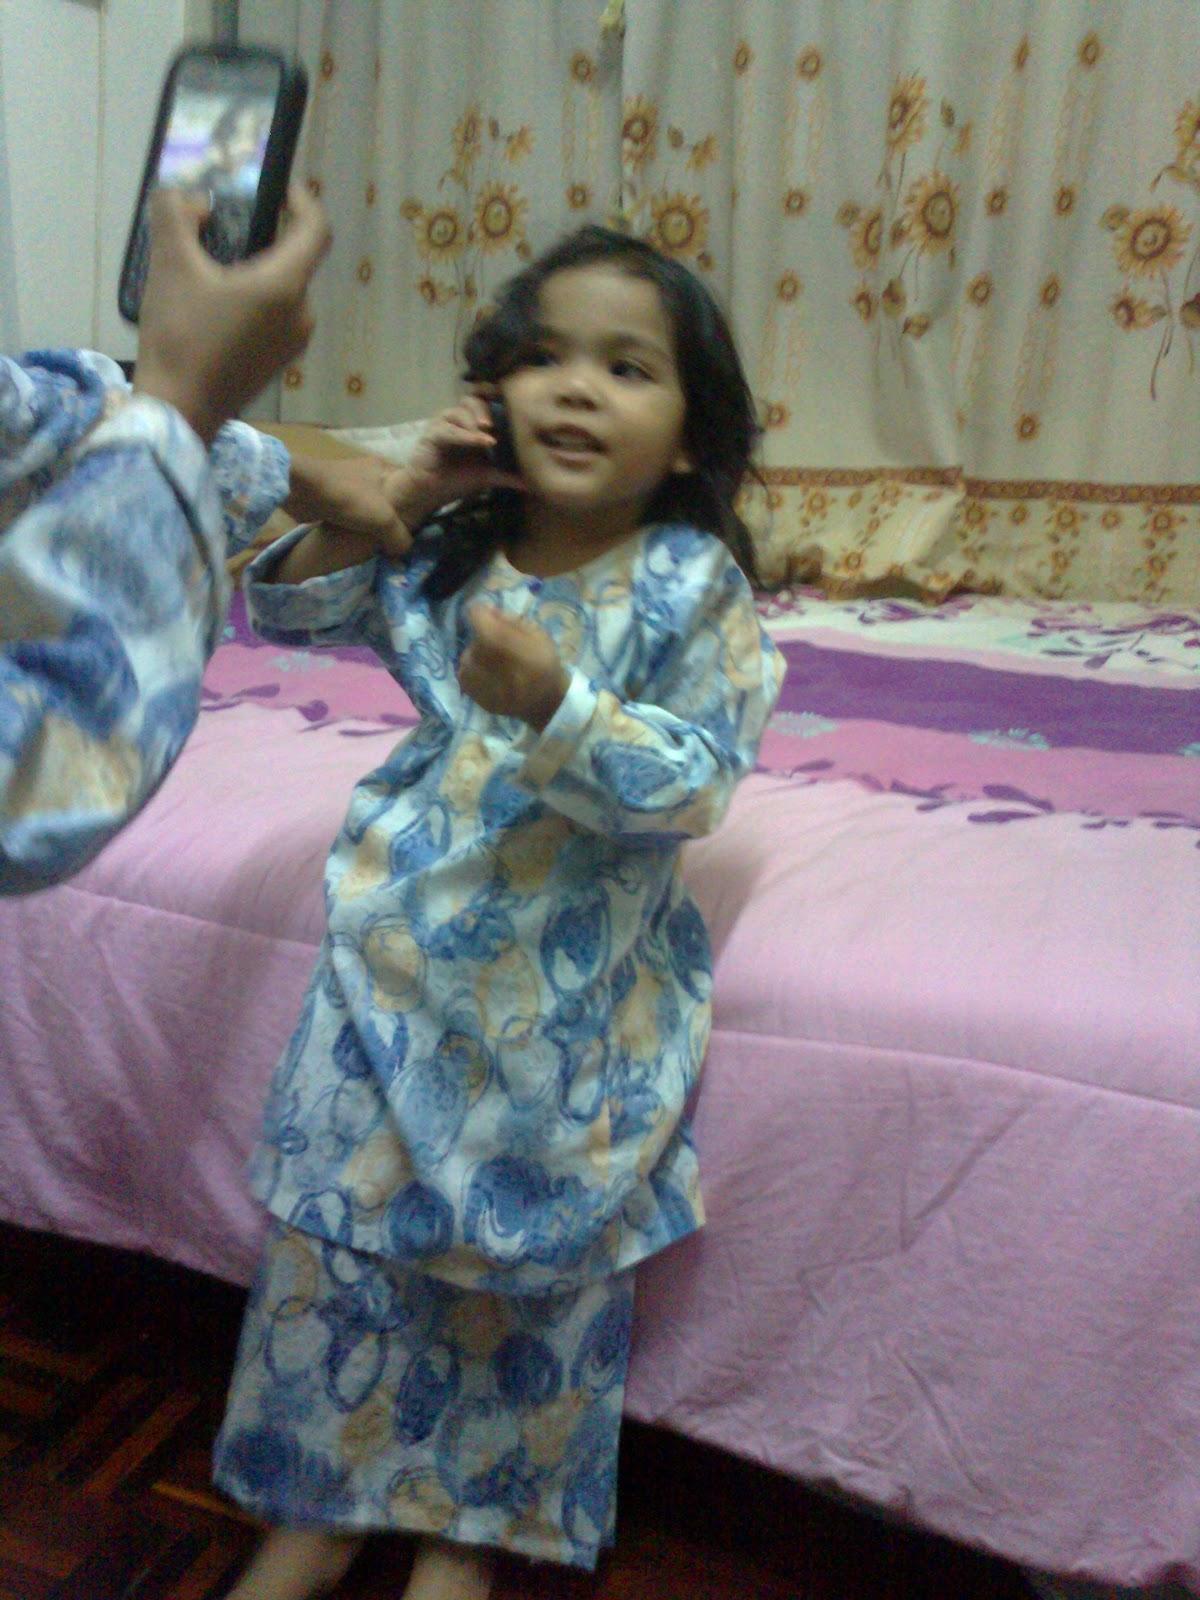 Pada hari Raya Haji lepas Mummy Kayha menelefon pengasuh Kayha Mek bertanyakan satu mainan Kayha yang tertinggal Mek beritahu menentu saya yang lion Kayha